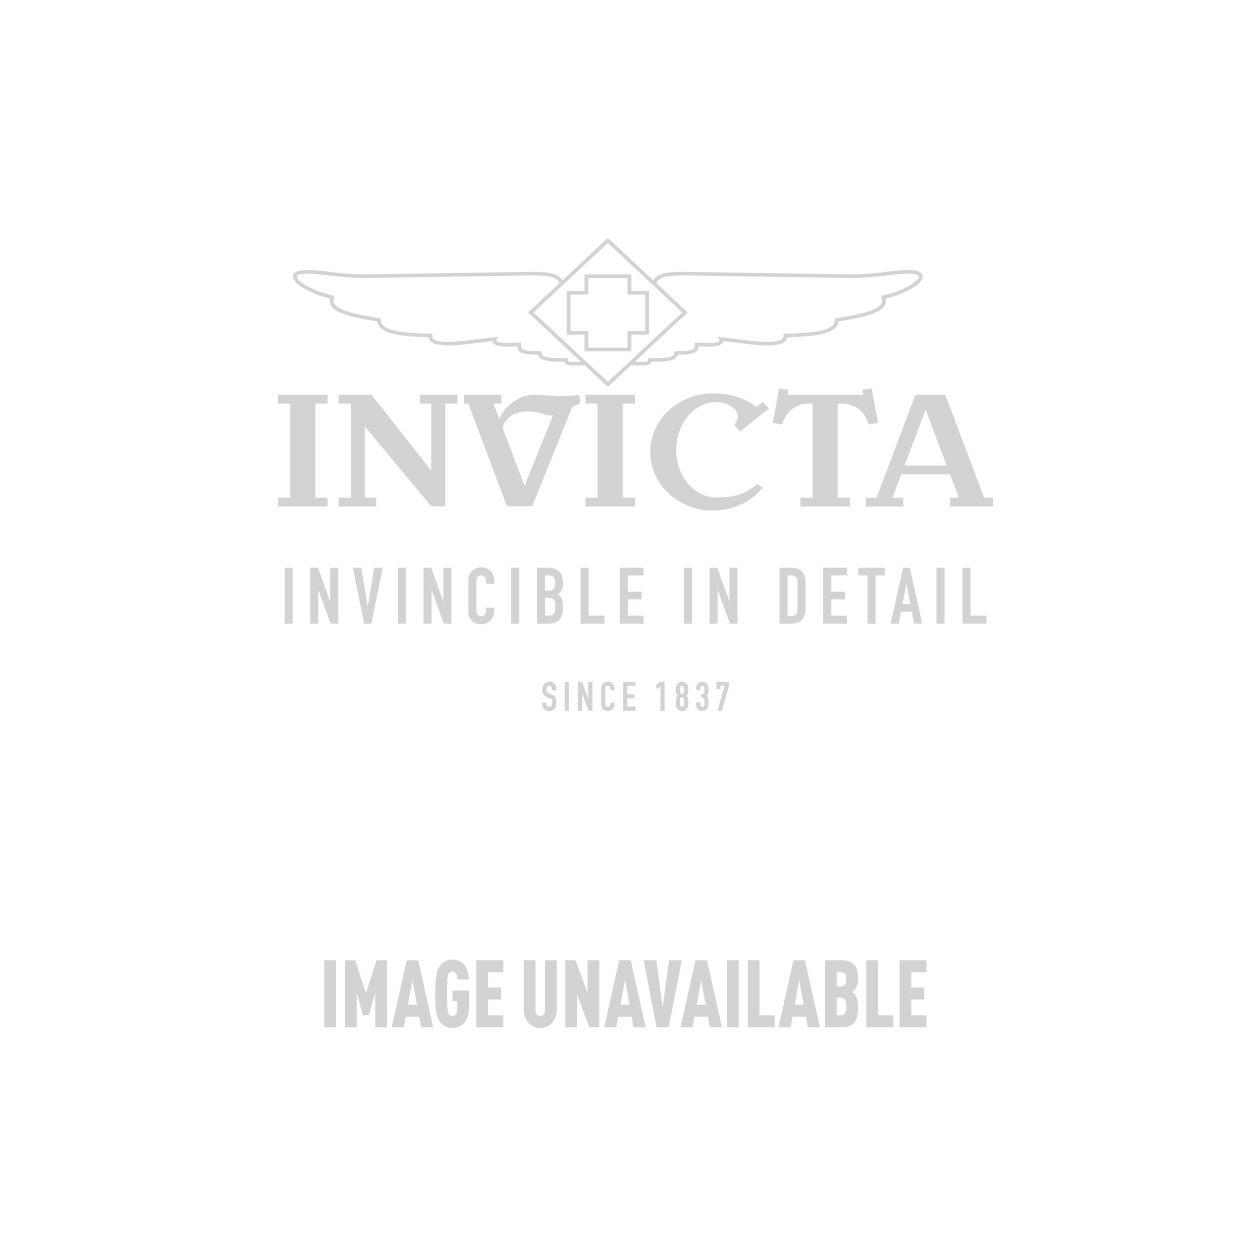 Invicta Model 25014